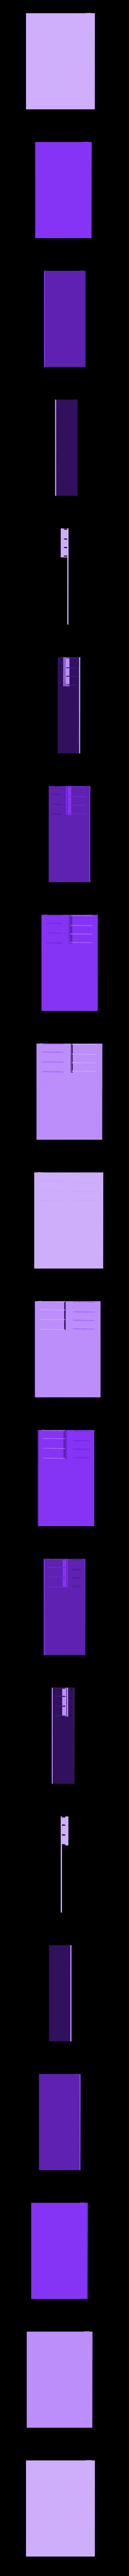 V1_tabletholder_slider.stl Download free STL file Dual Screen Laptop Attachment for Tablets/Phones • Design to 3D print, toledanoshai